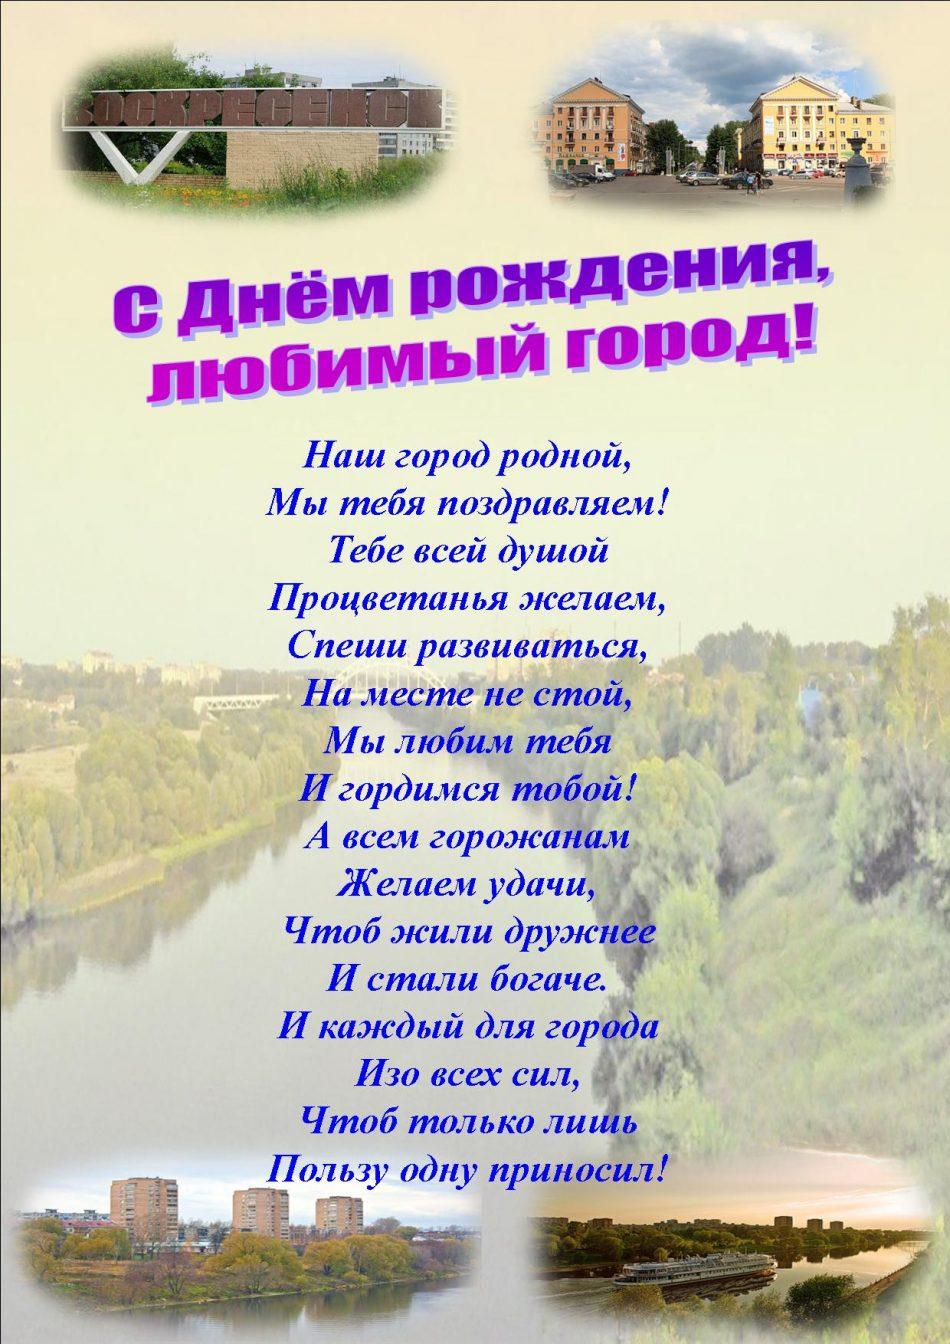 Поздравления района в стихах